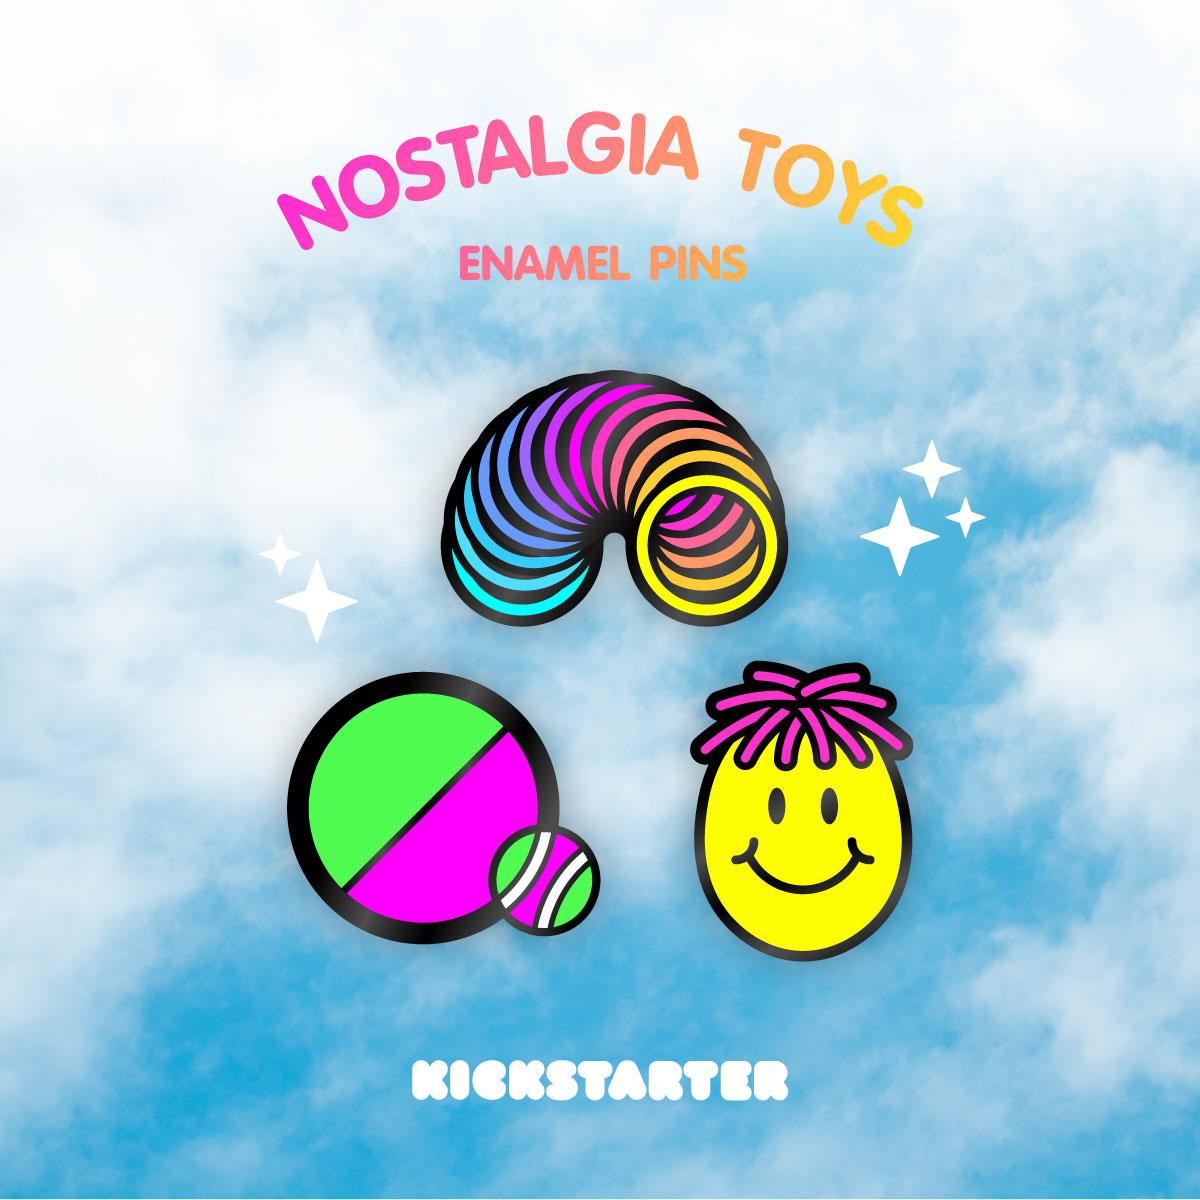 90s-nostalgia-social-media-05